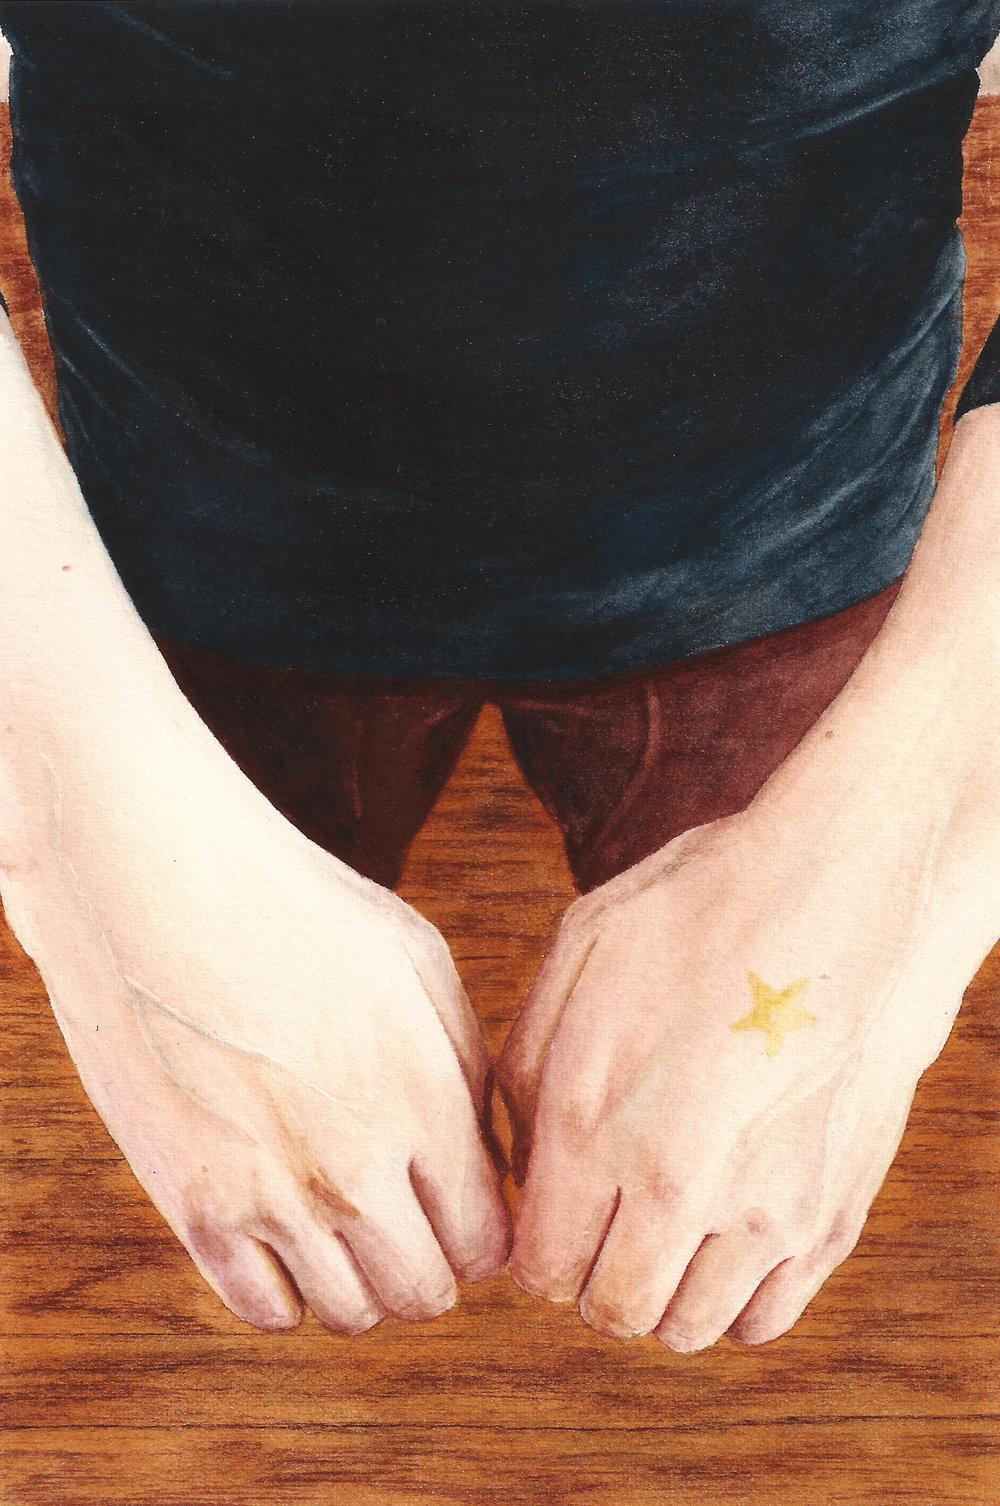 Gold Star (lesbian)